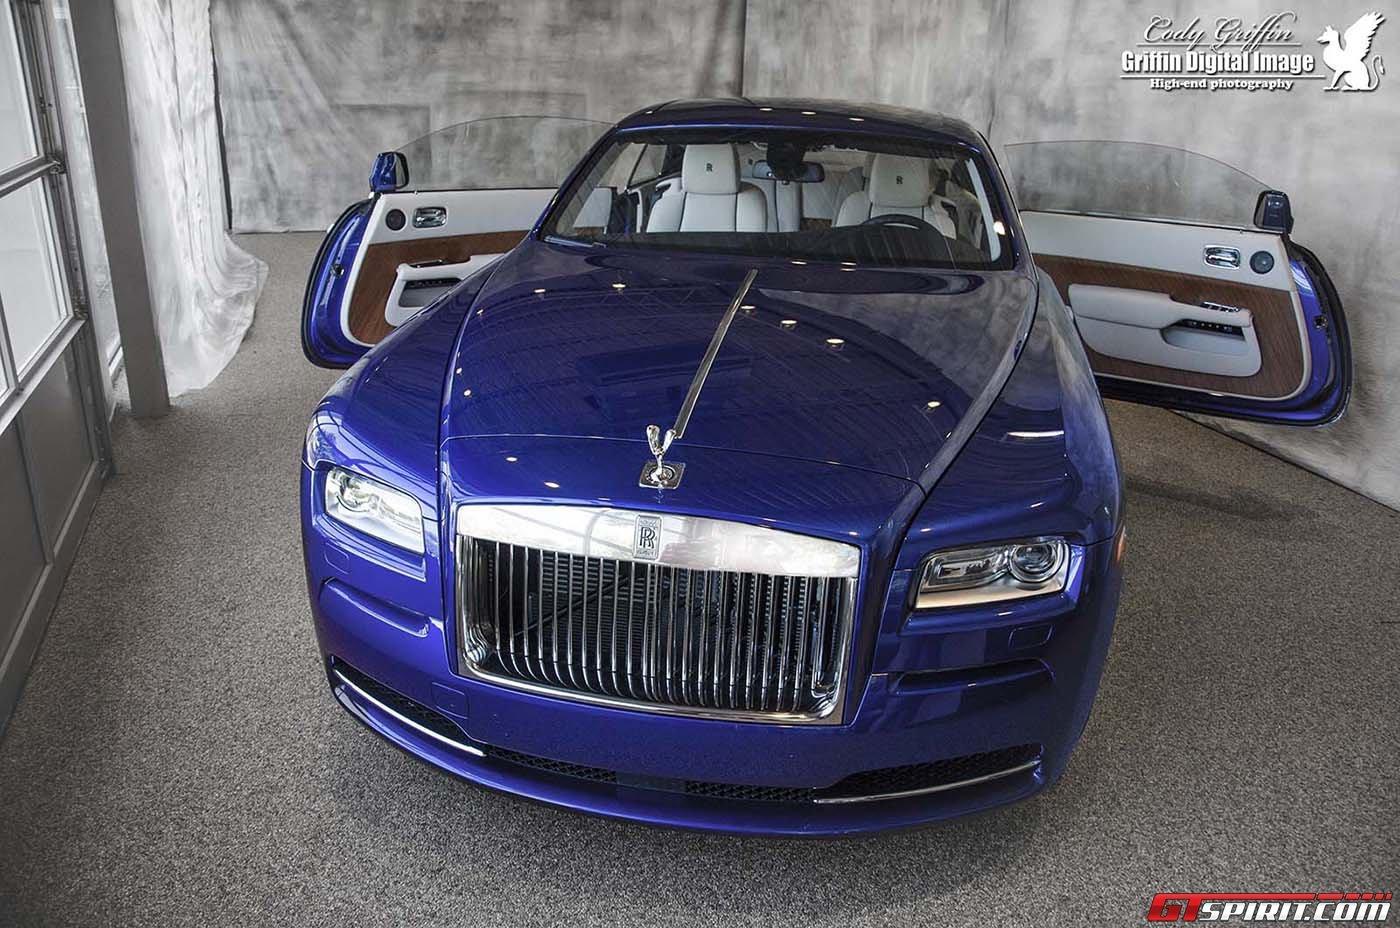 Ô tô-Xe máy - Chùm ảnh: Rolls-Royce Wraith màu xanh ở Boston